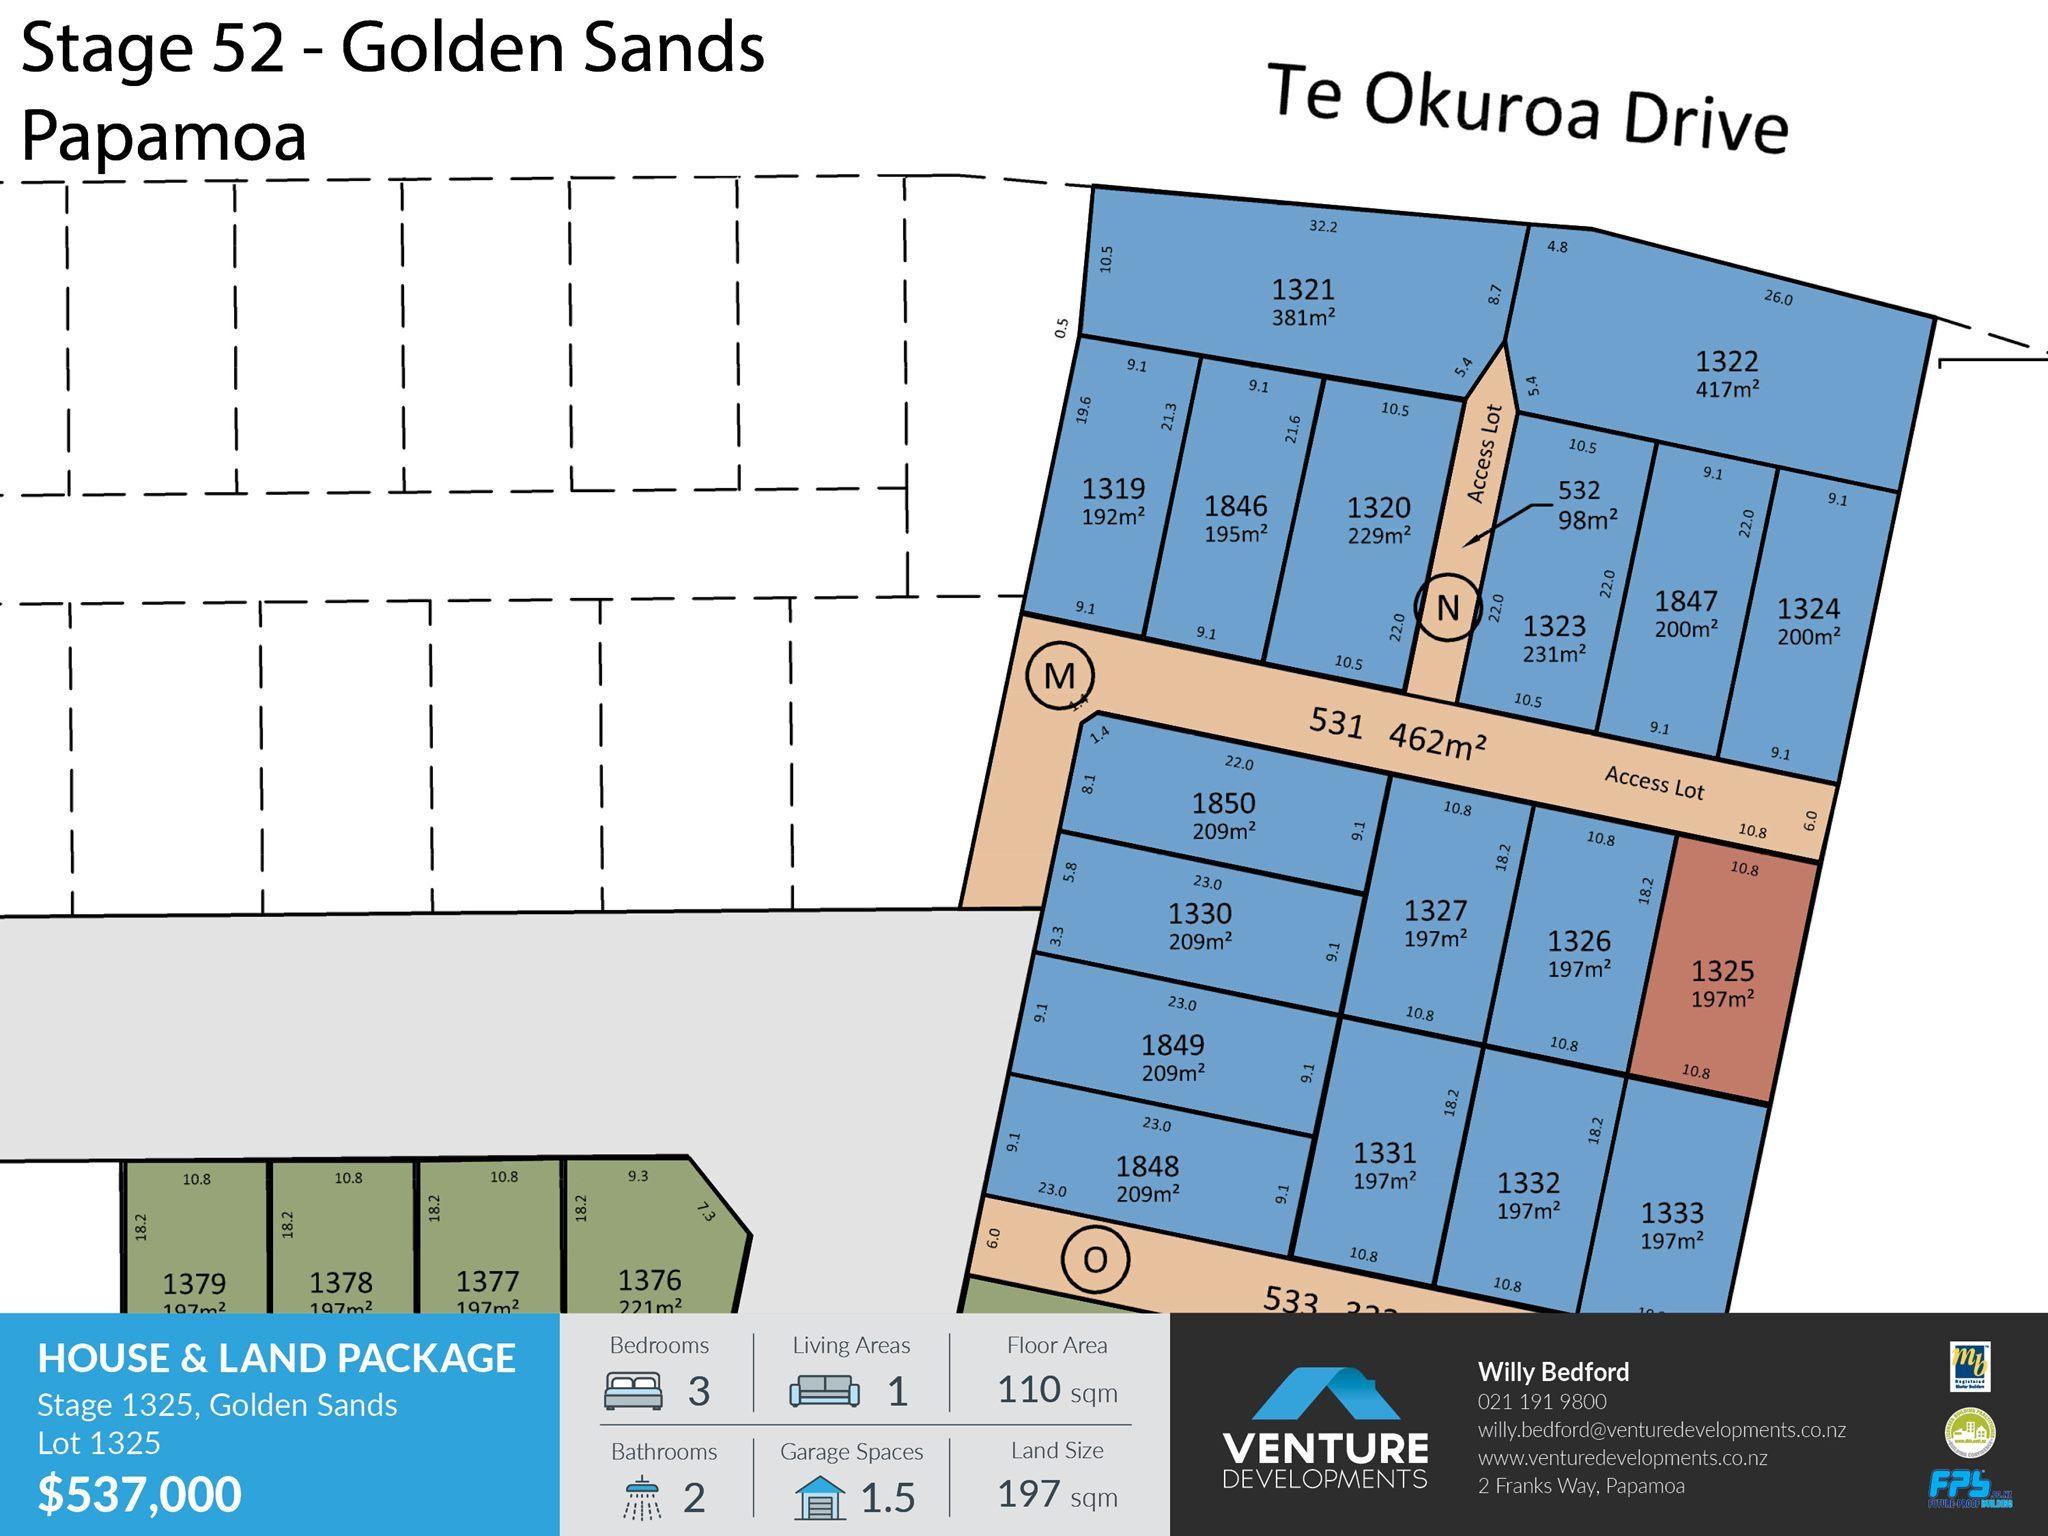 Lot 1848, Stage 52 - Golden Sands